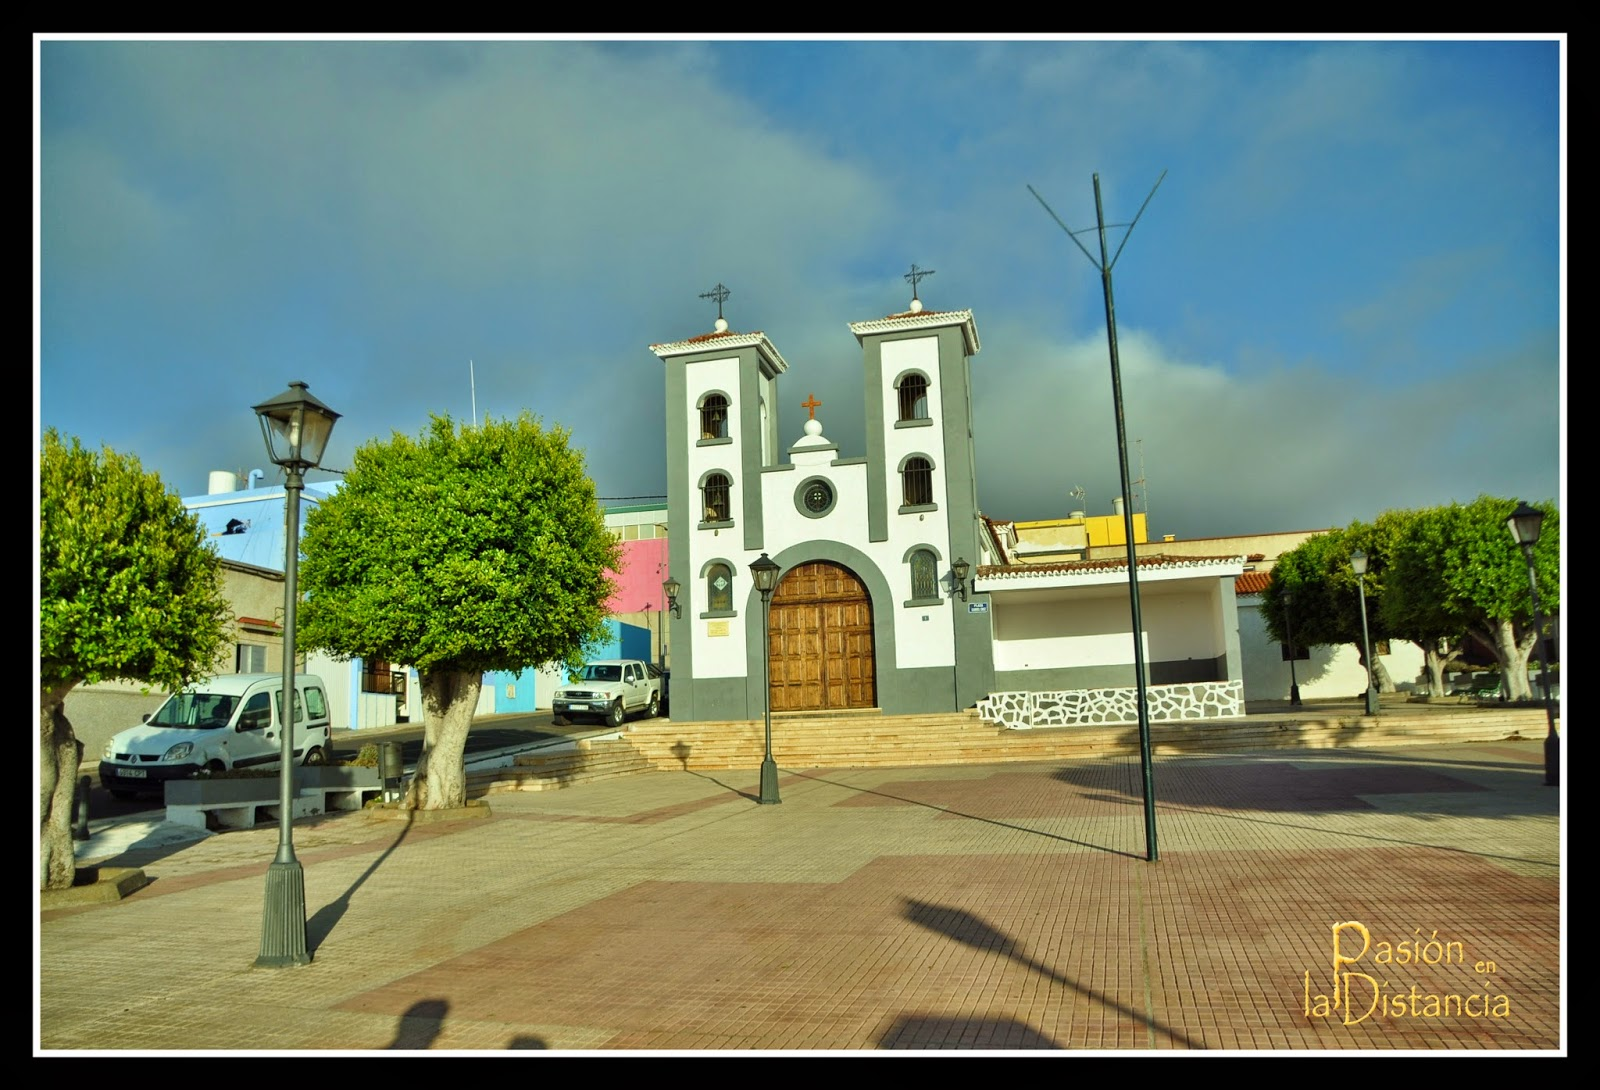 Camino_Viejo_de_Candelaria_Pasacola_Llano_del_Moro-Iglesia-del_Rosario_Llano-del-Moro